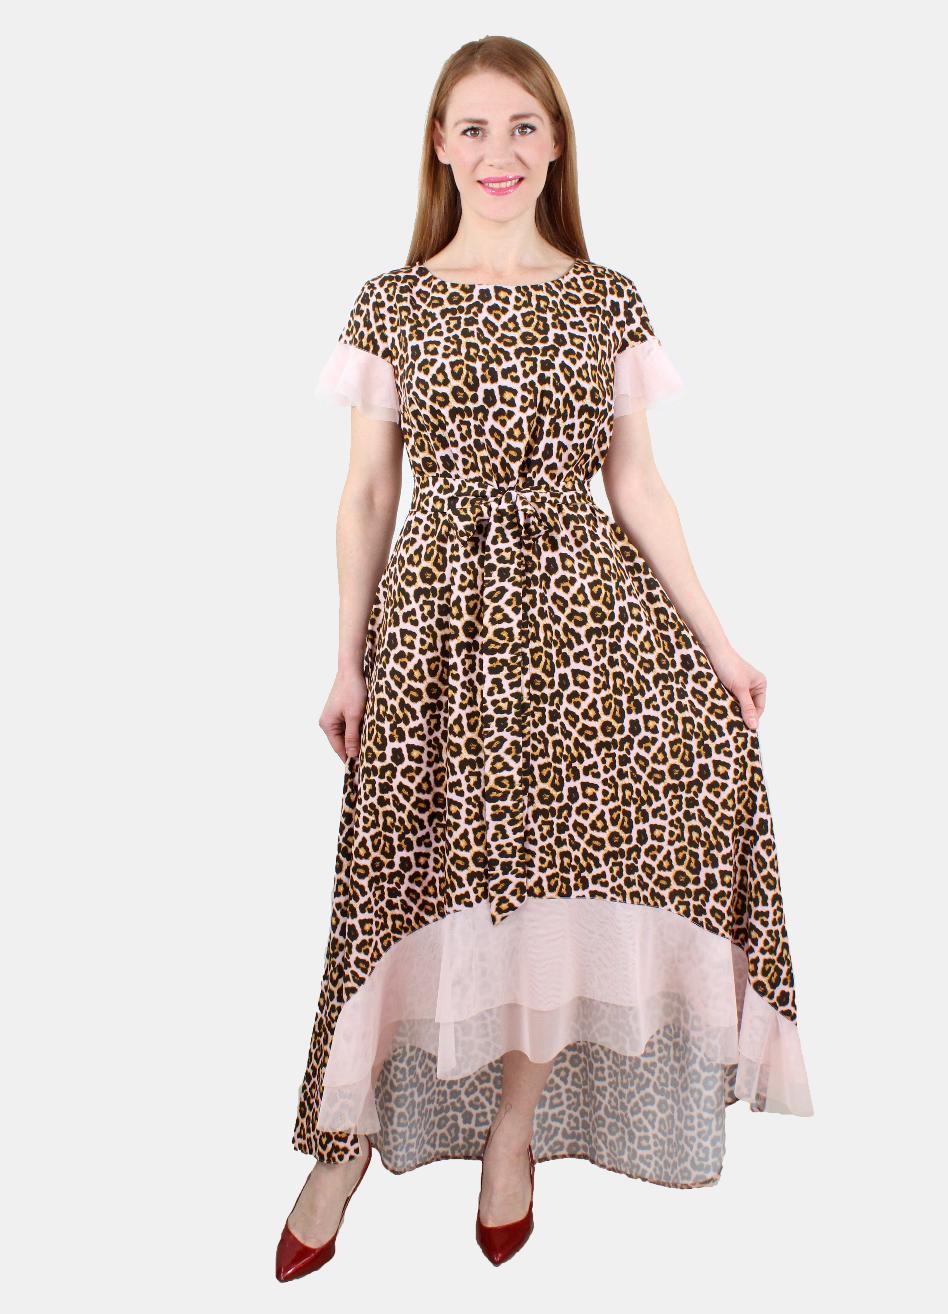 891d91f1ad4 Леопардовое модное платье